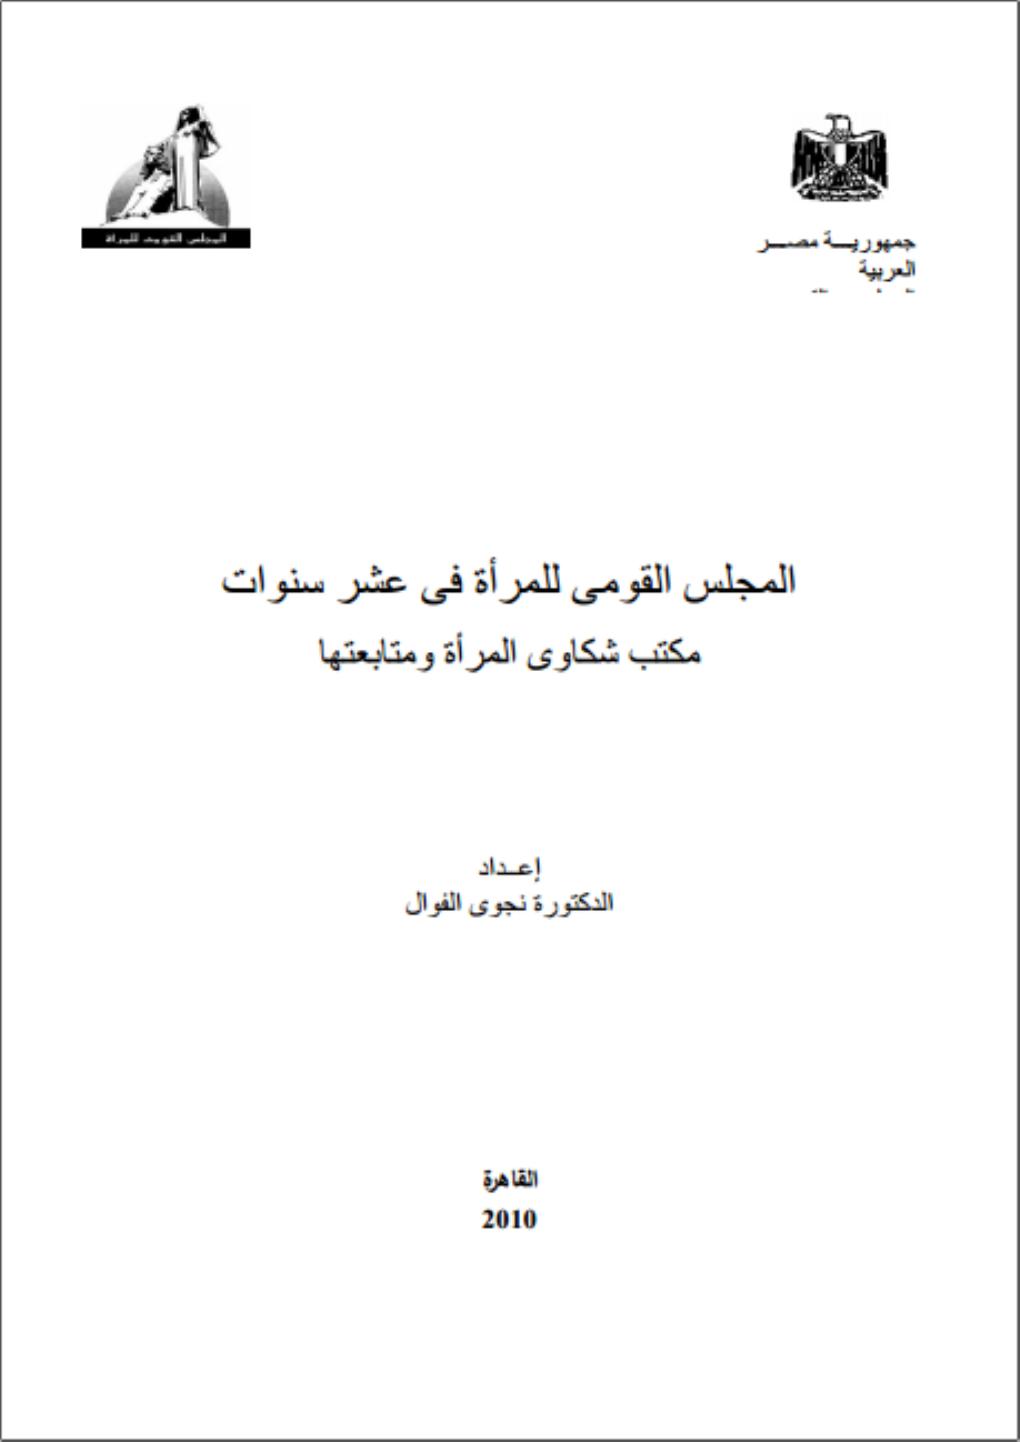 المجلس القومي للمرأة في عشرة سنوات - مكتب شكاوي المرأة ومتابعتها